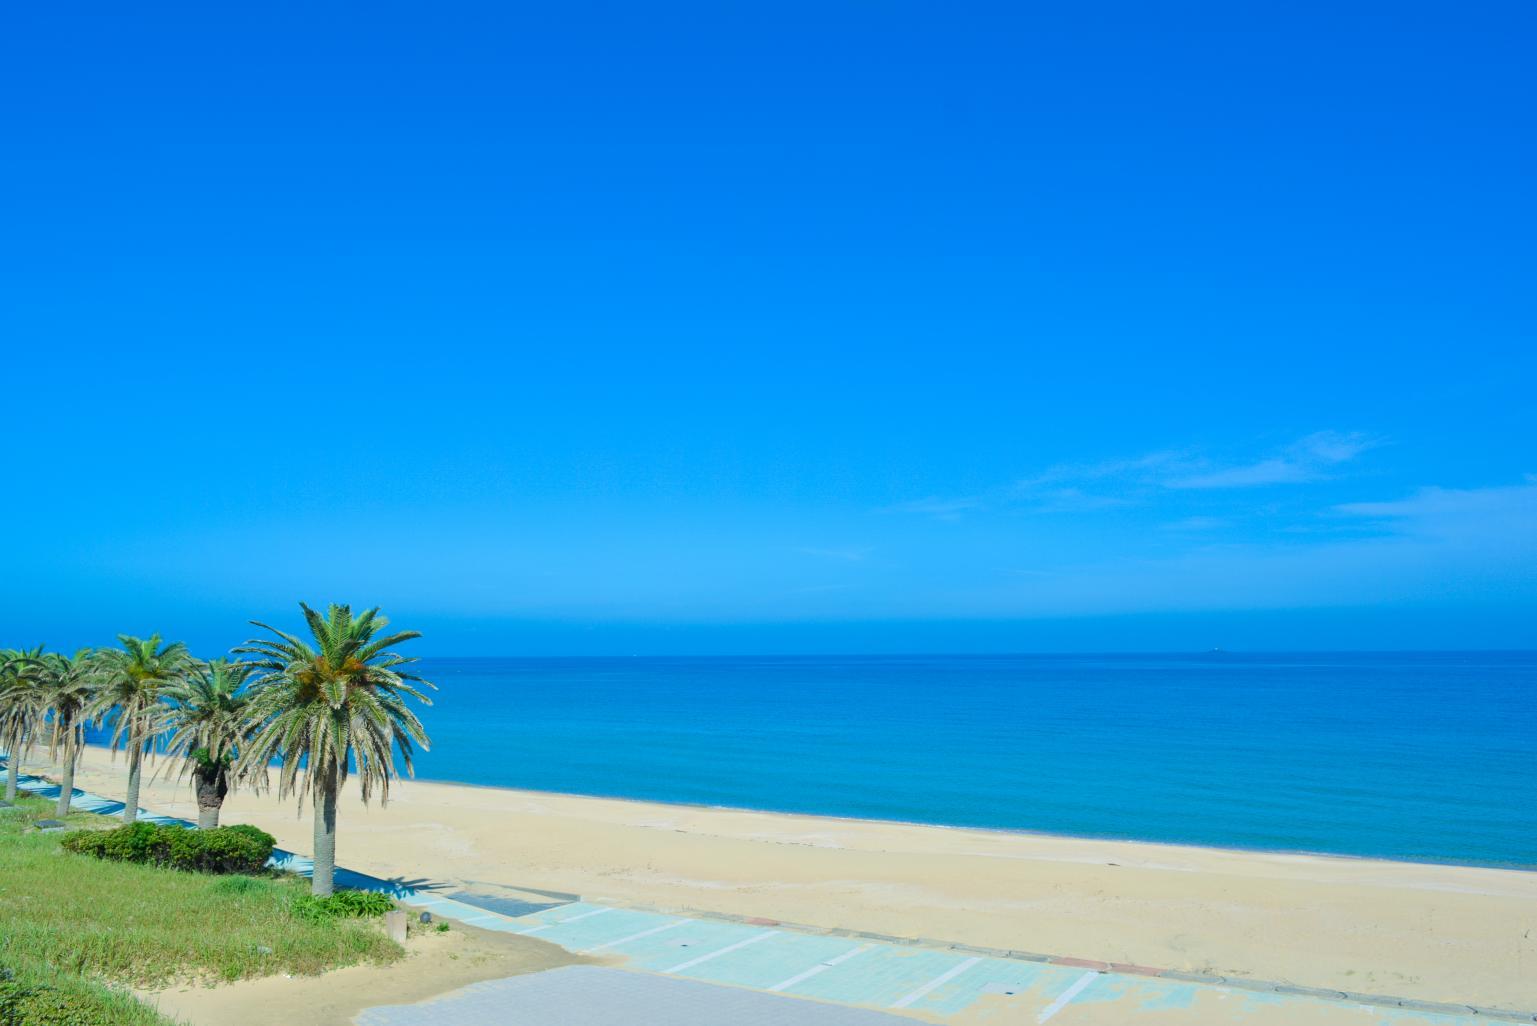 【宇久島】スゲ浜海水浴場-1